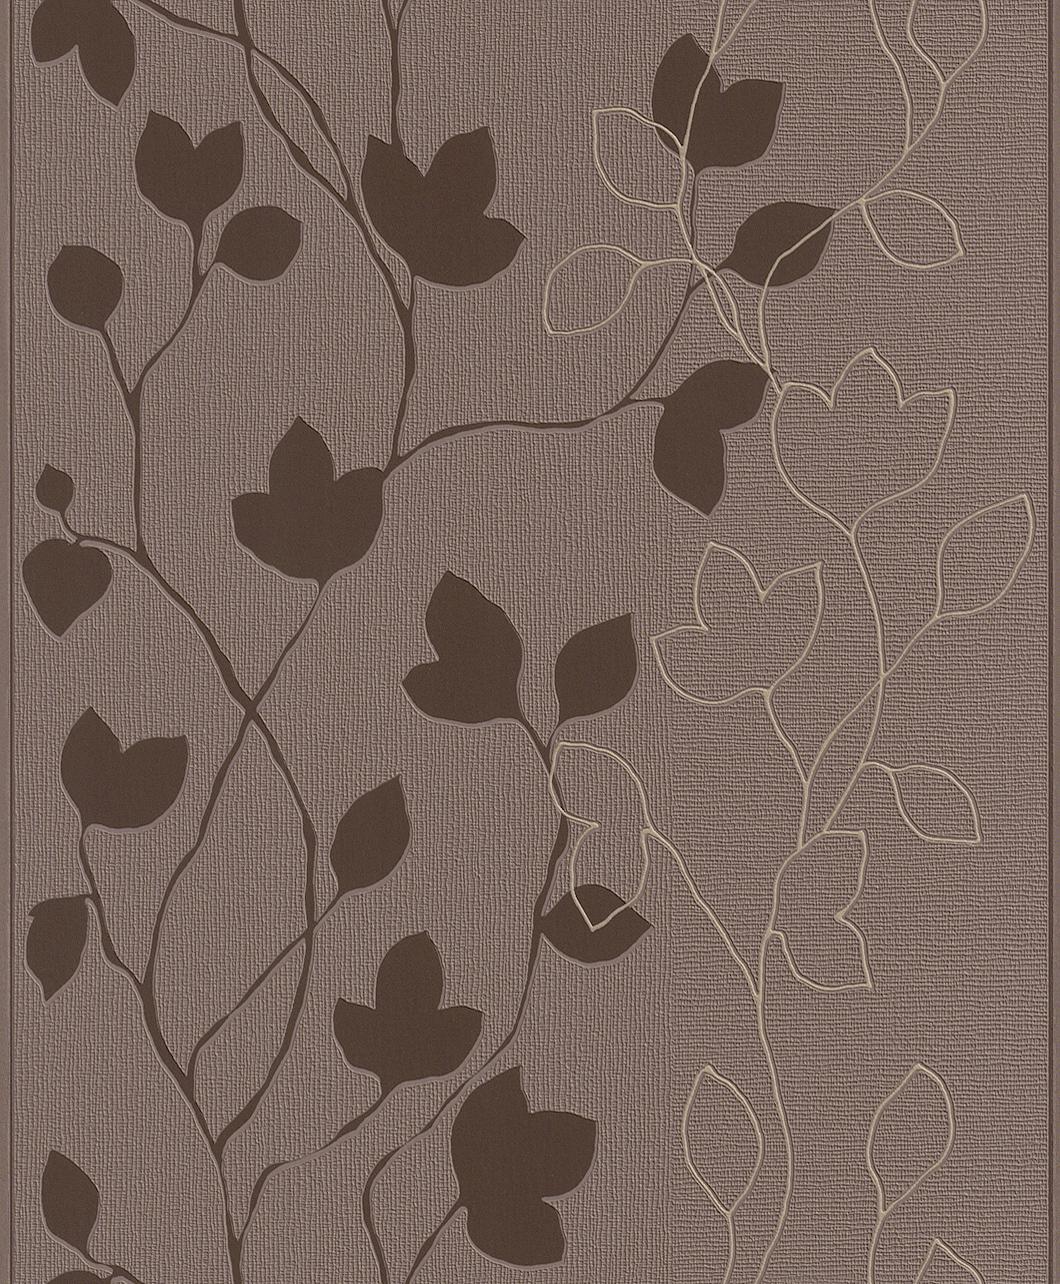 Blumen Tapete braun/creme - Rasch 770216 - NEU